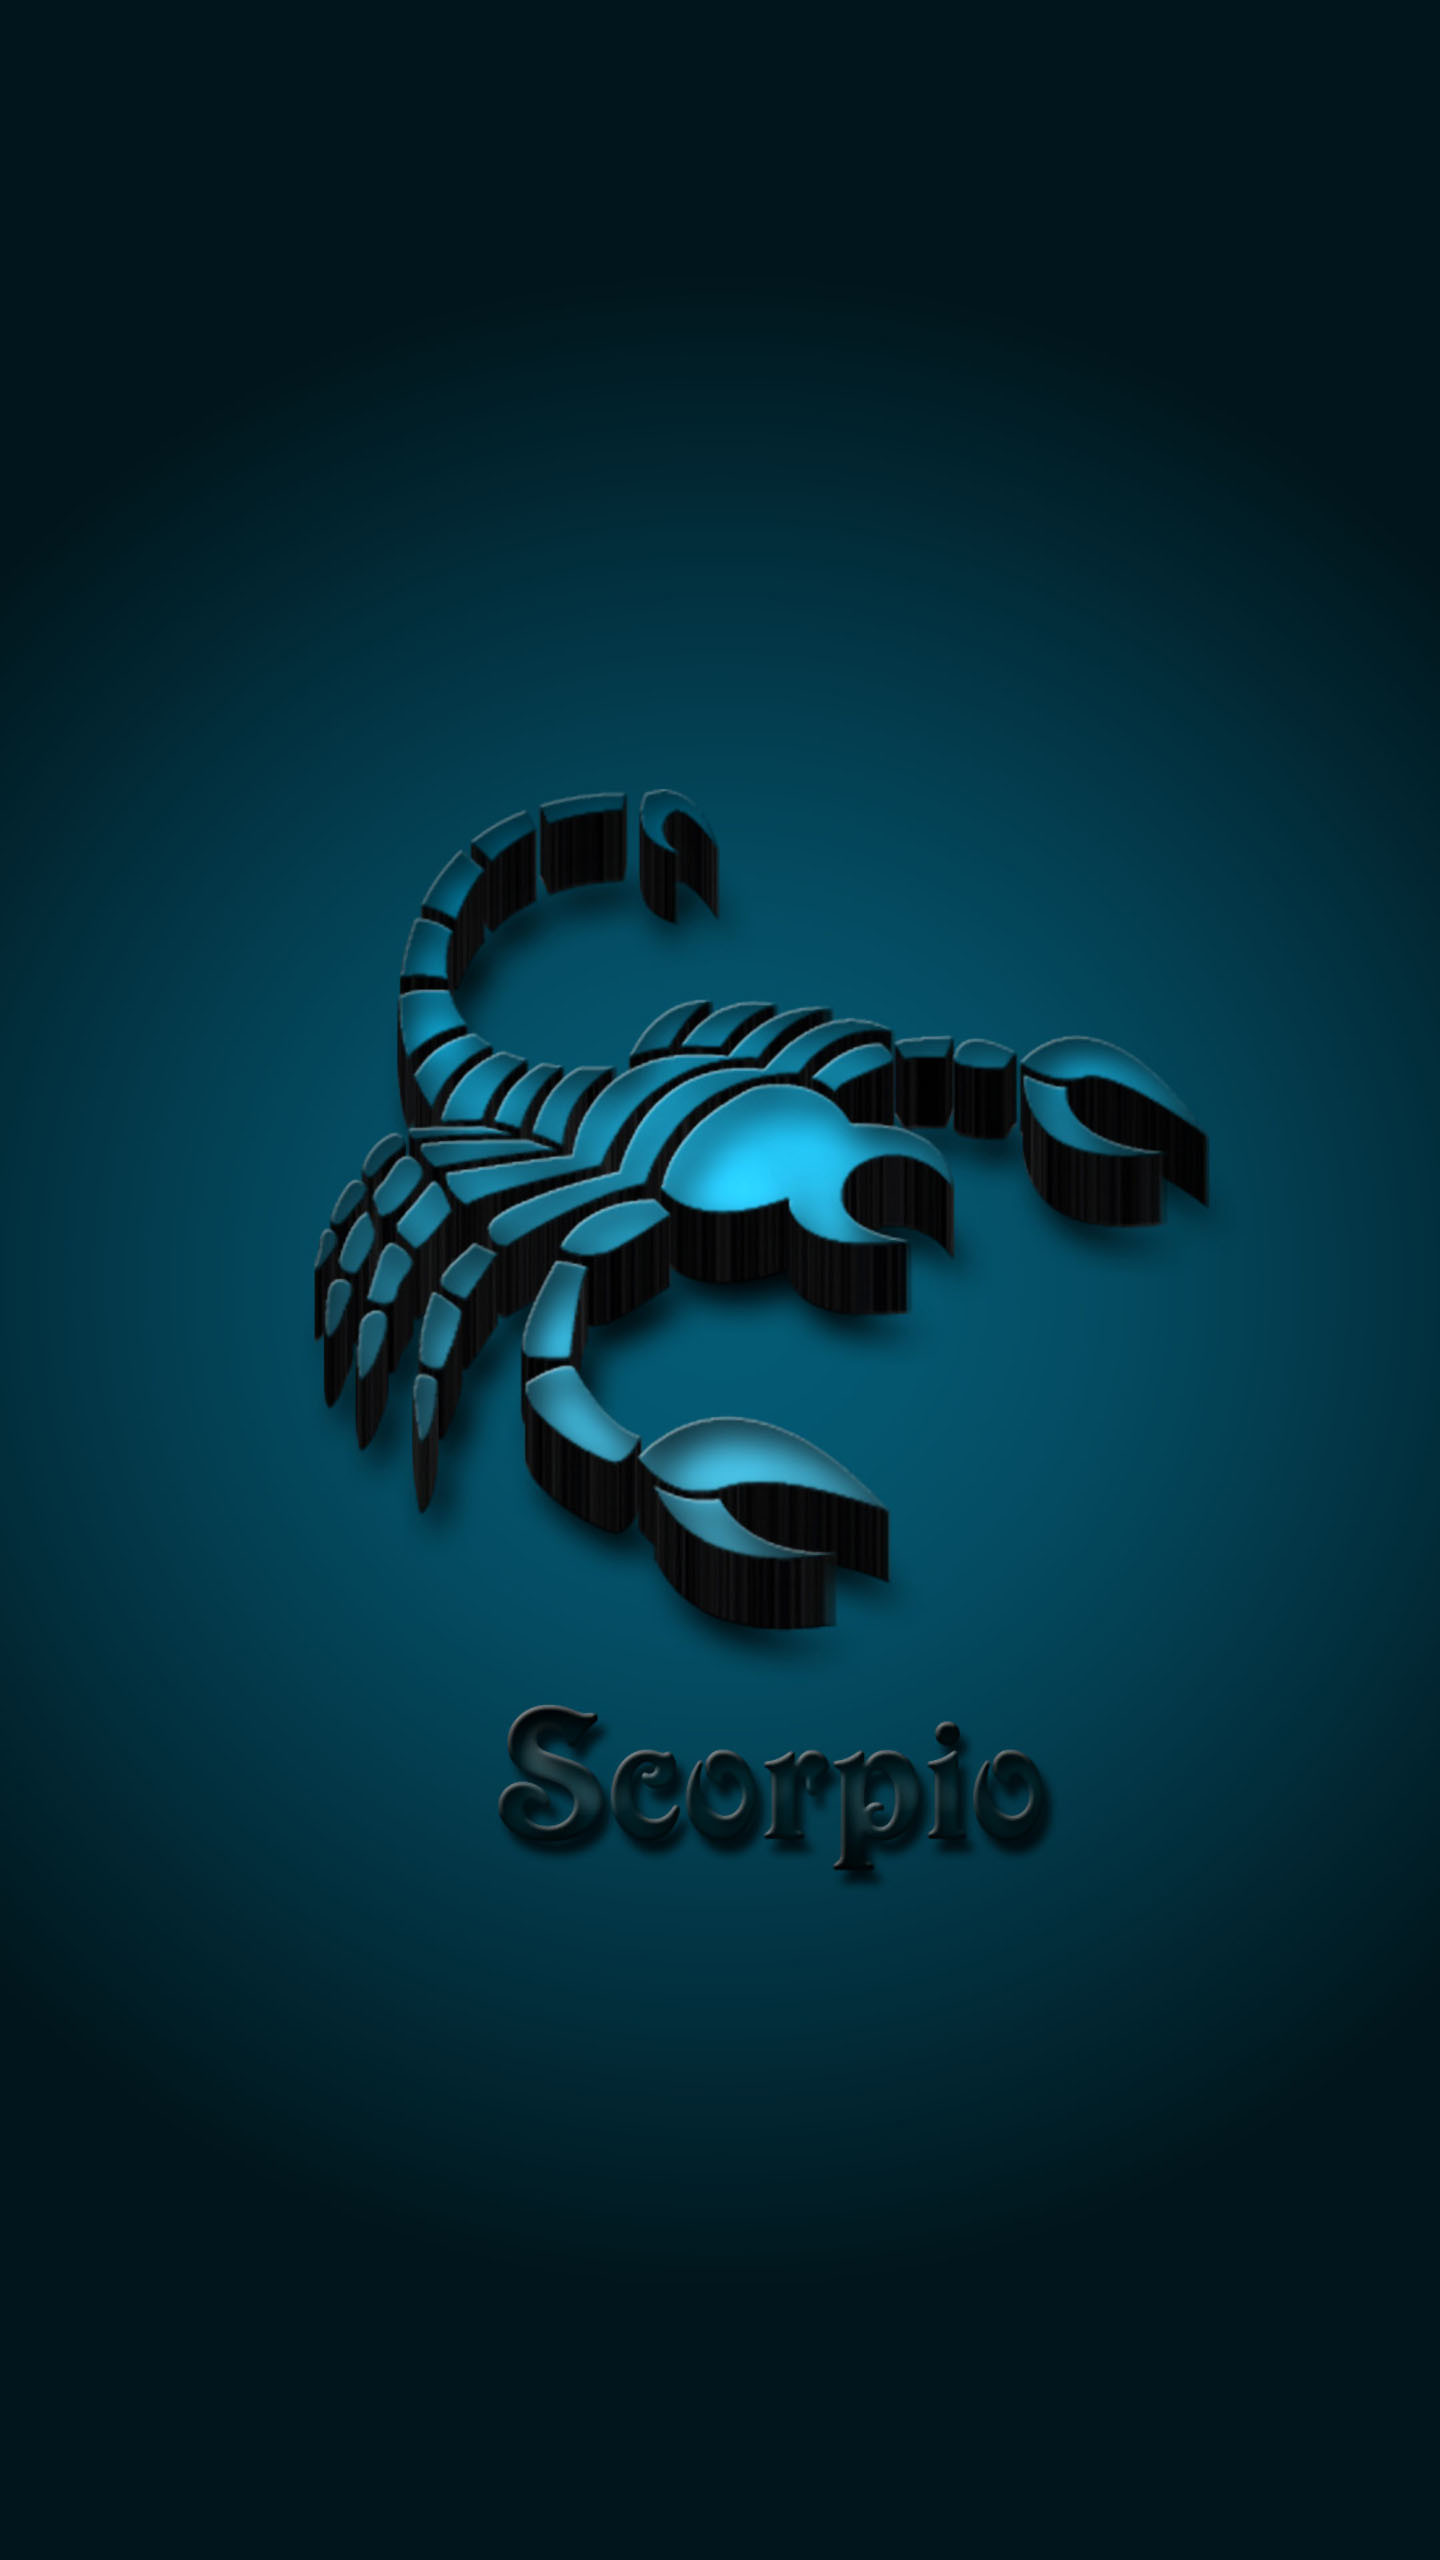 картинка скорпиона для телефона взрослые